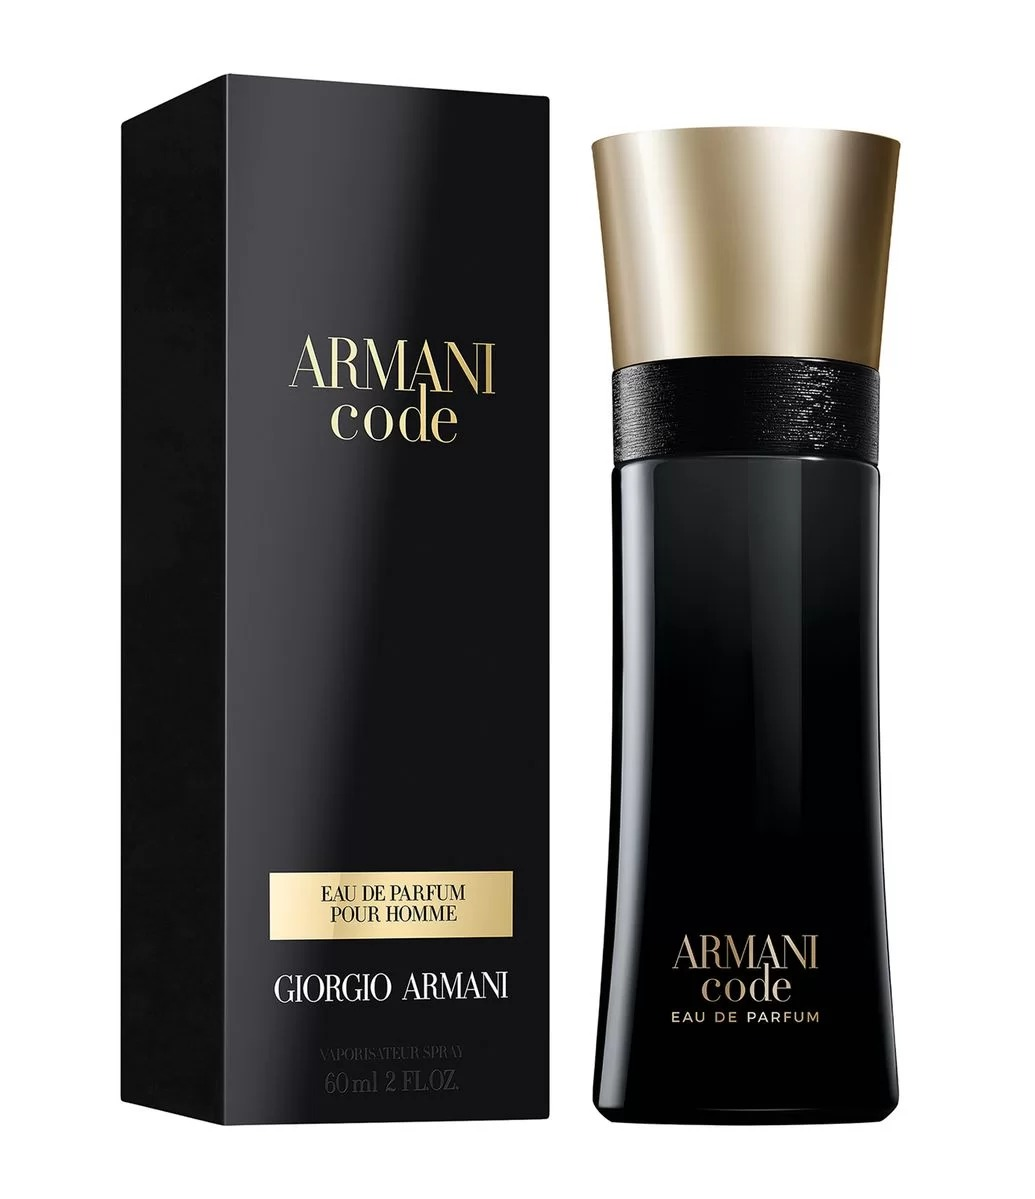 Armani Code Giorgio Armani Eau de Parfum 60ml